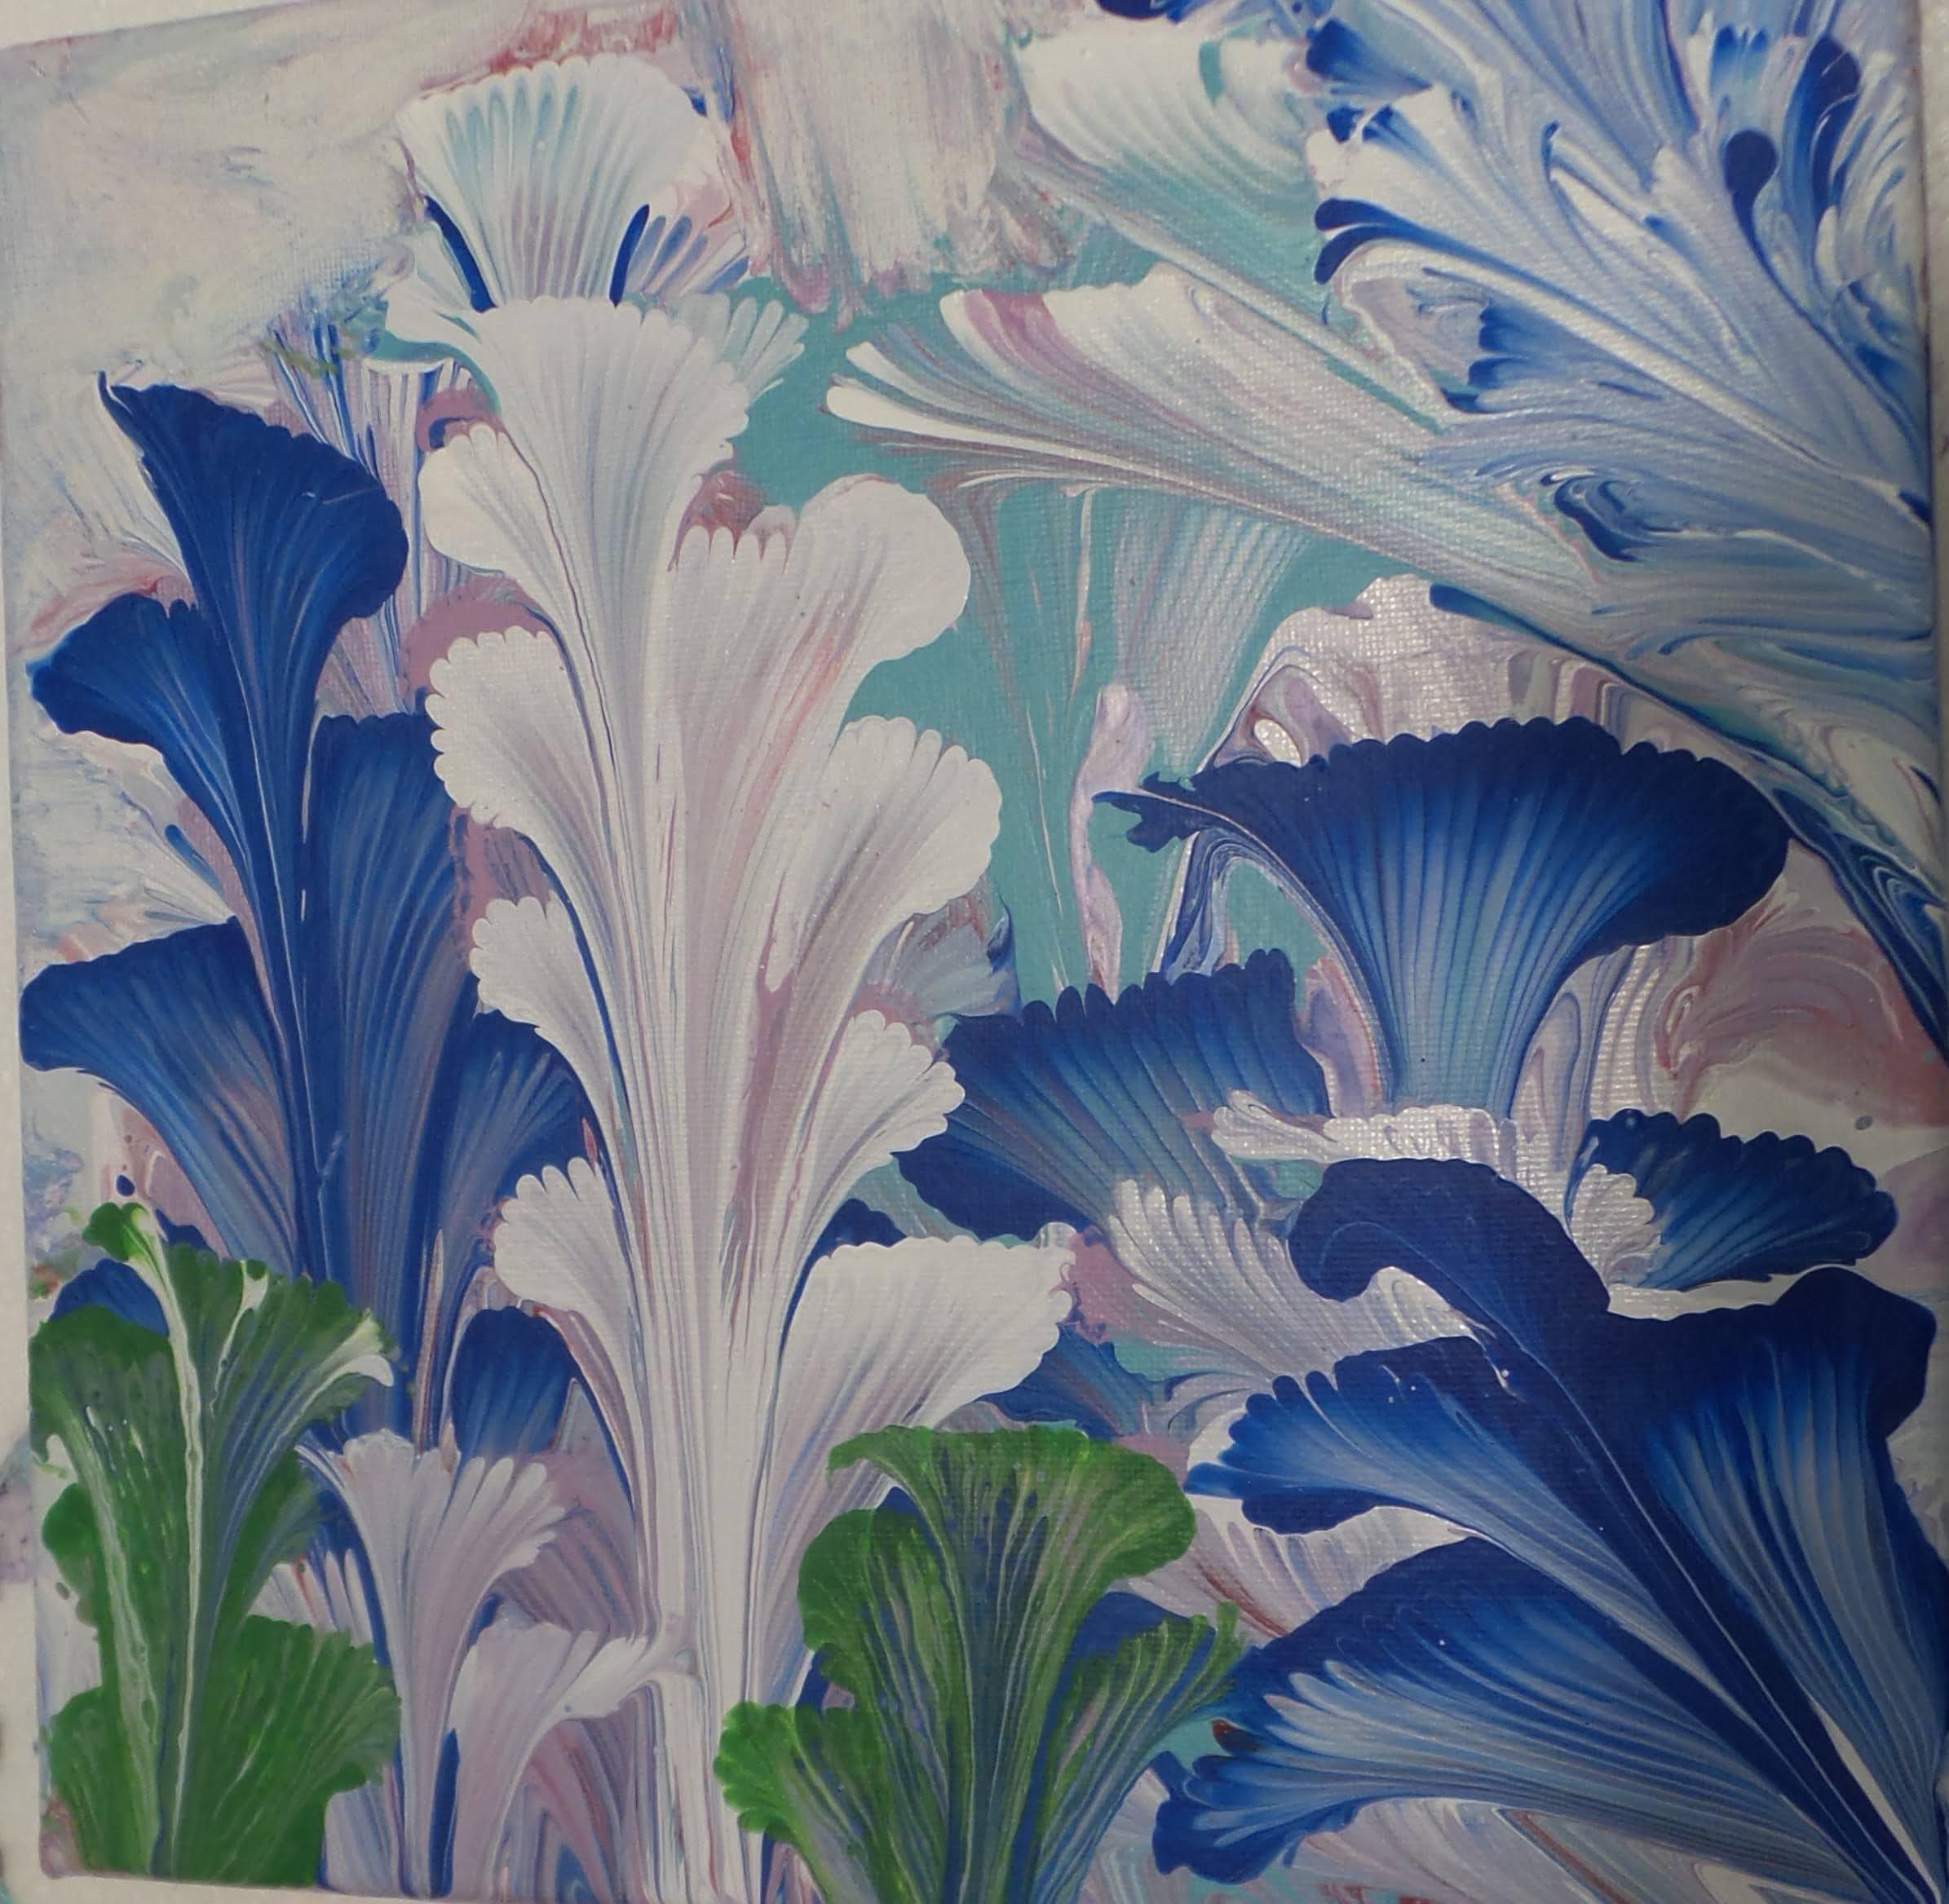 Blue Floral Fantasy